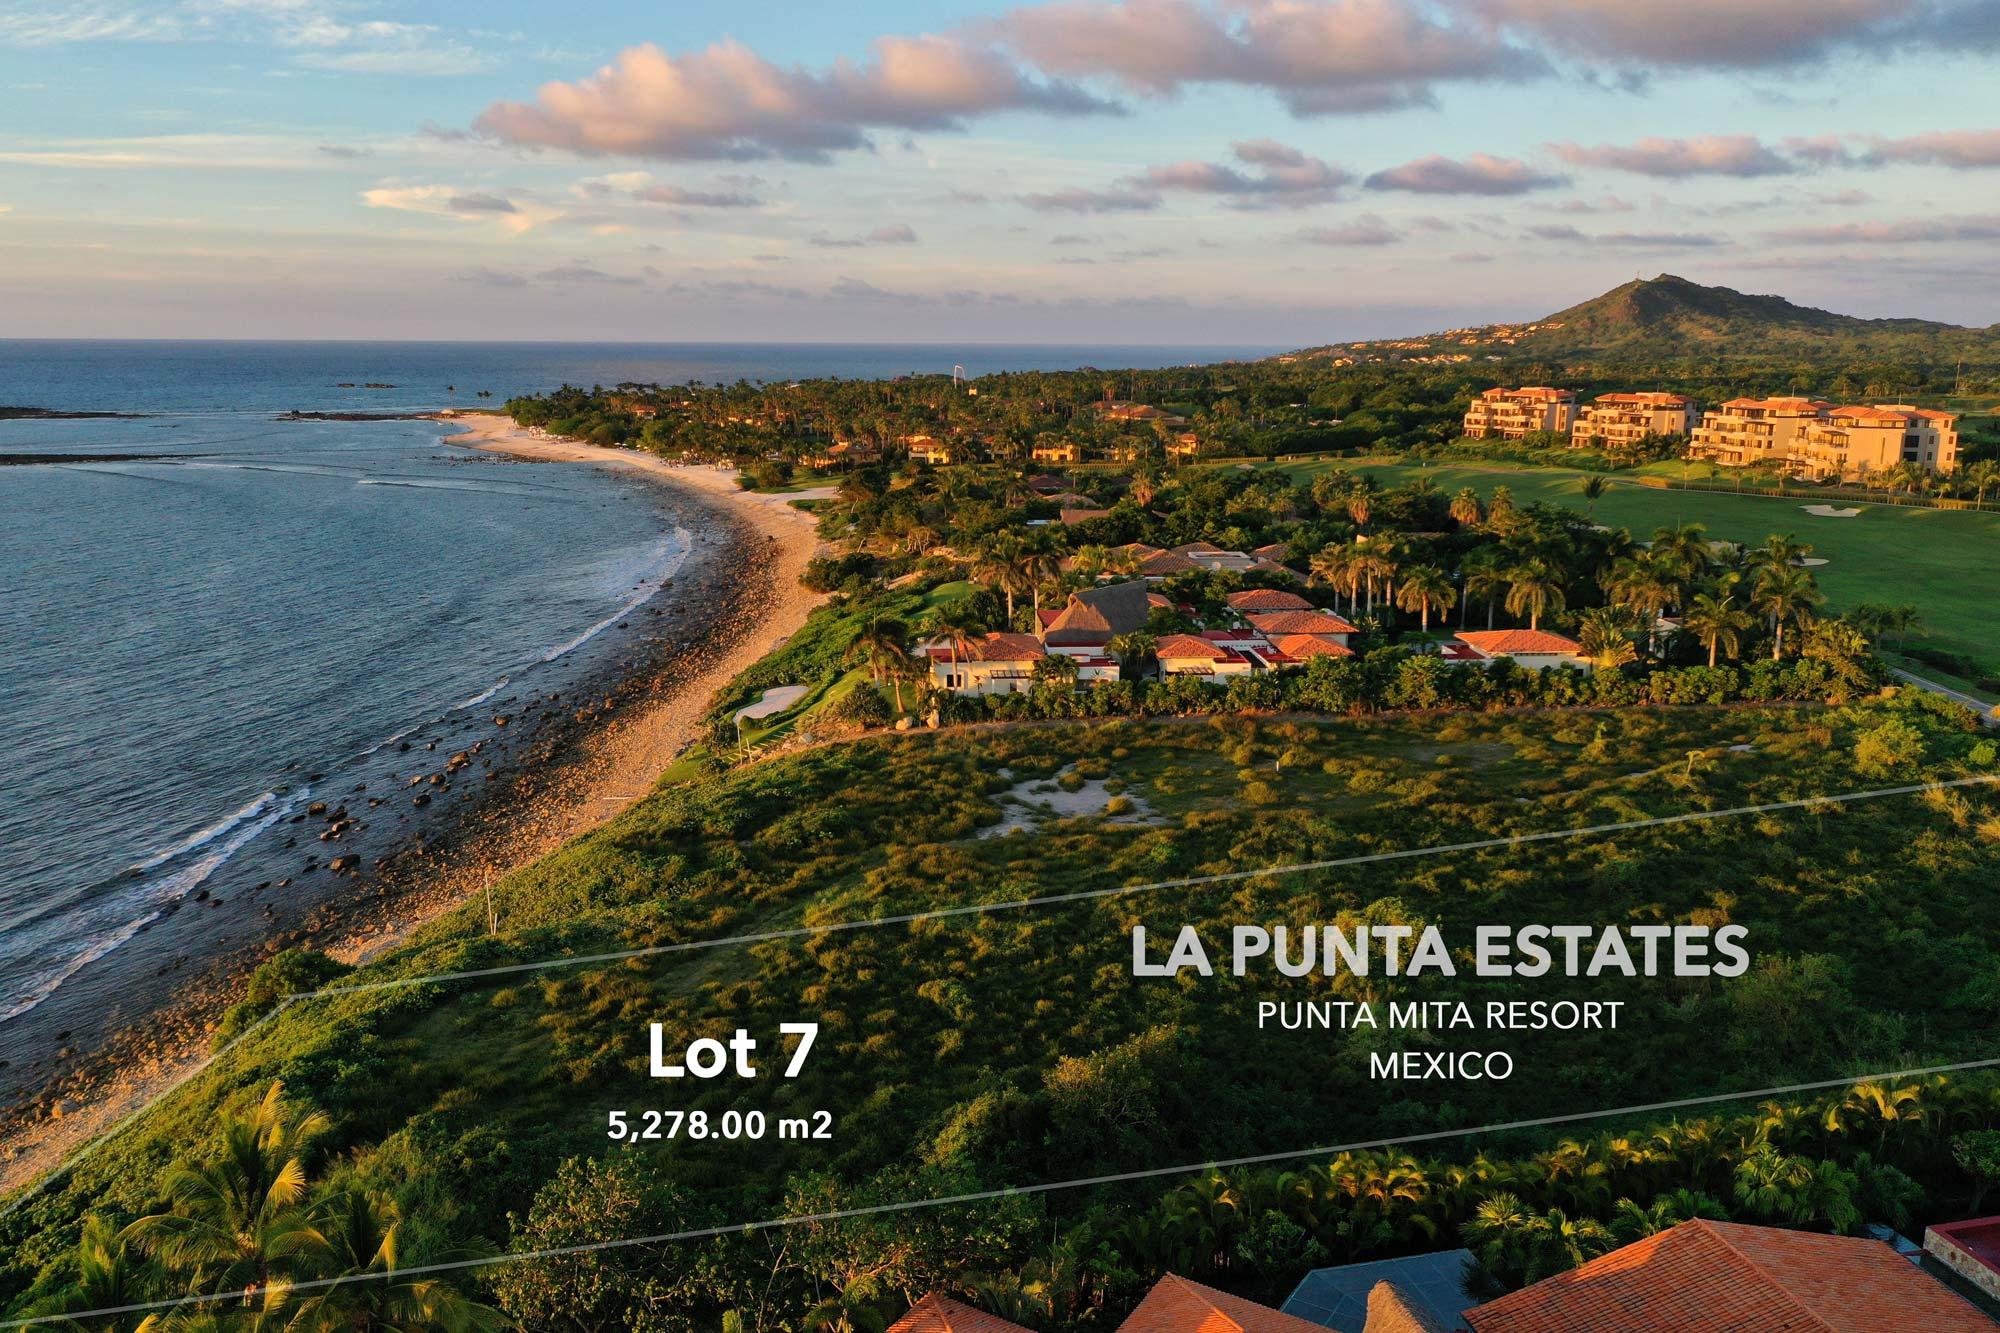 La Punta Estates – Lot 7 Punta Mita Resort, Riviera Nayarit